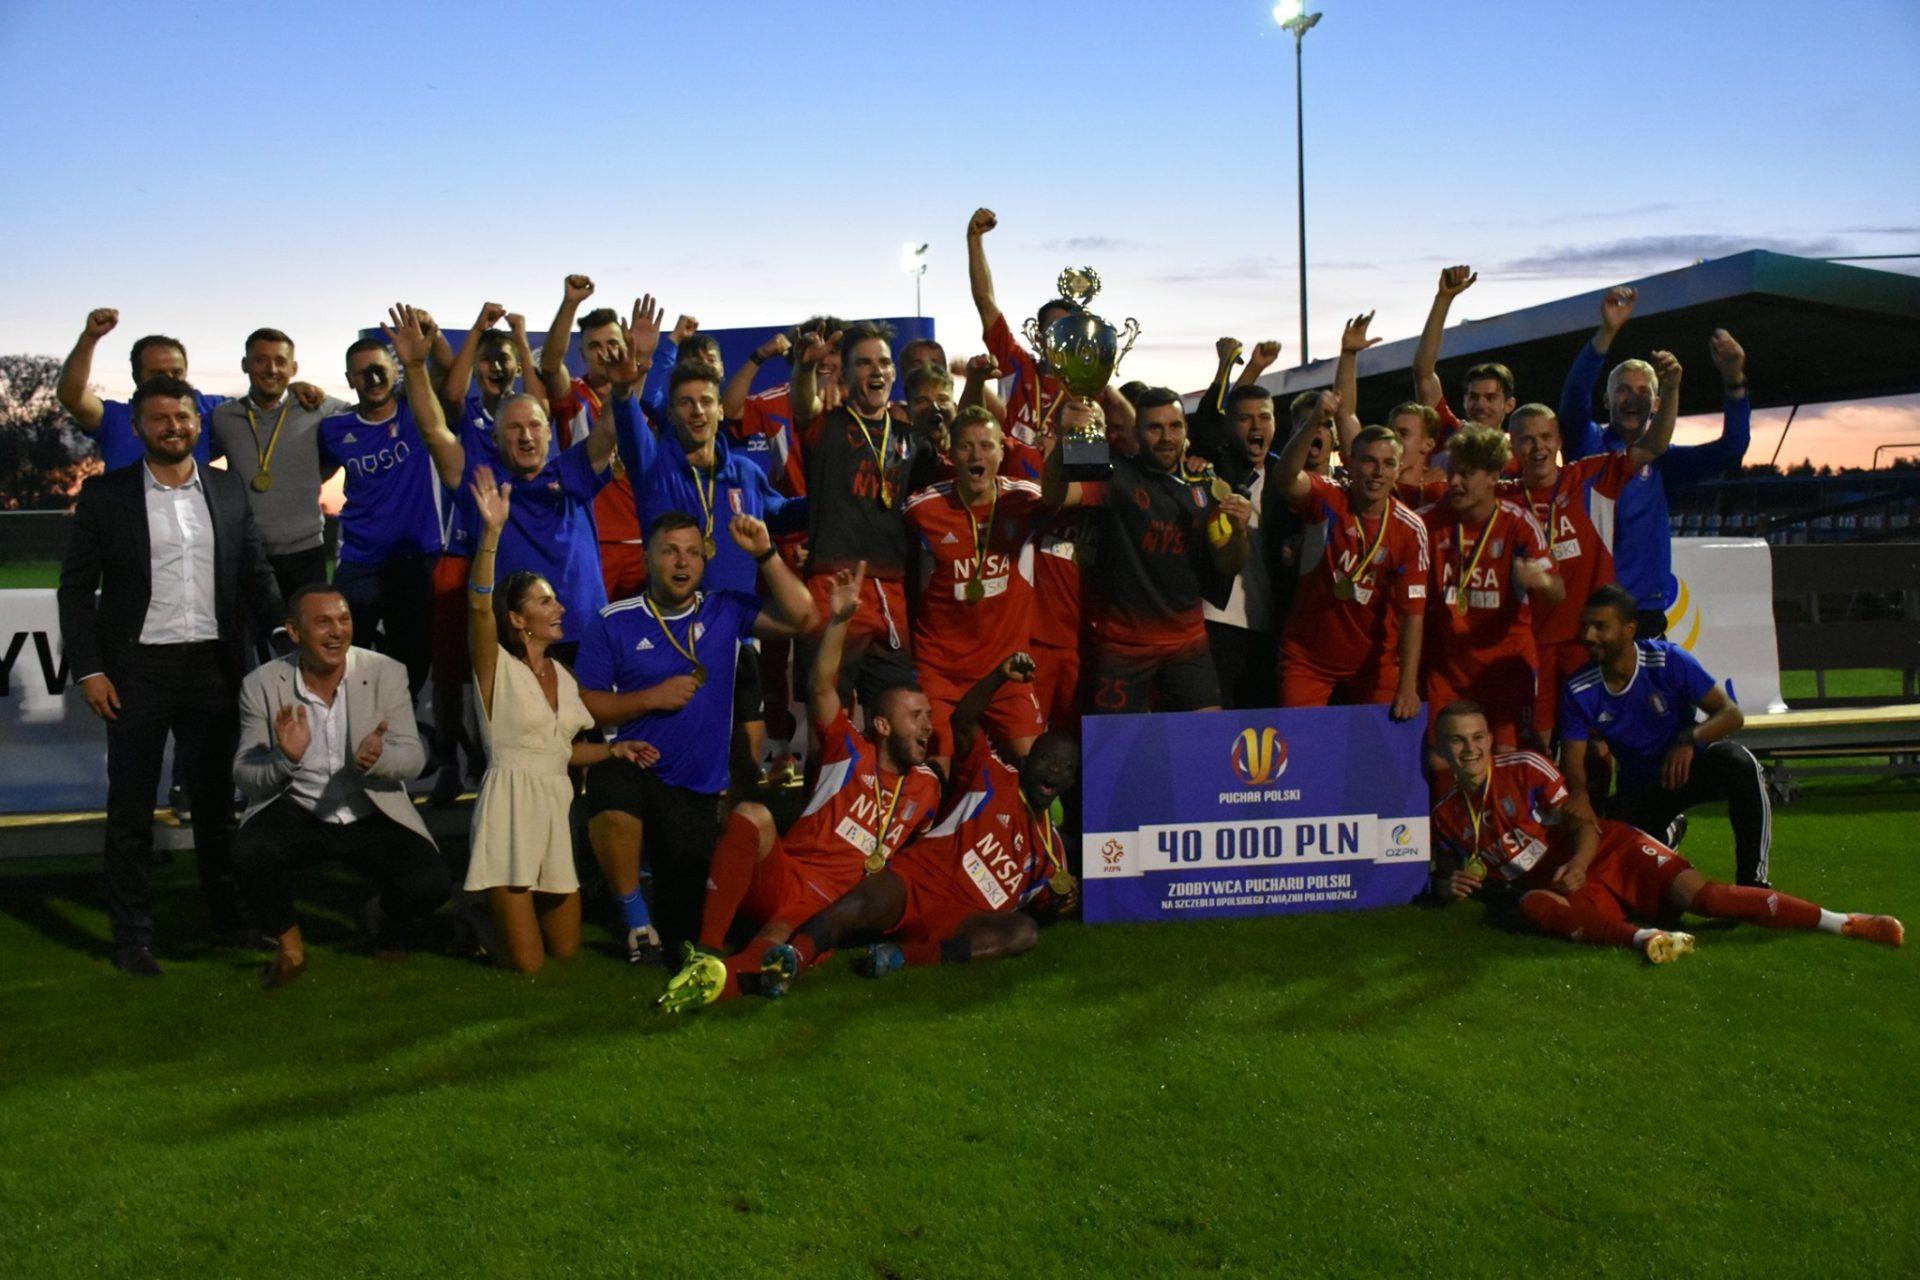 Polonia Nysa wygrała w wielkim finale regionalnego Pucharu Polski!